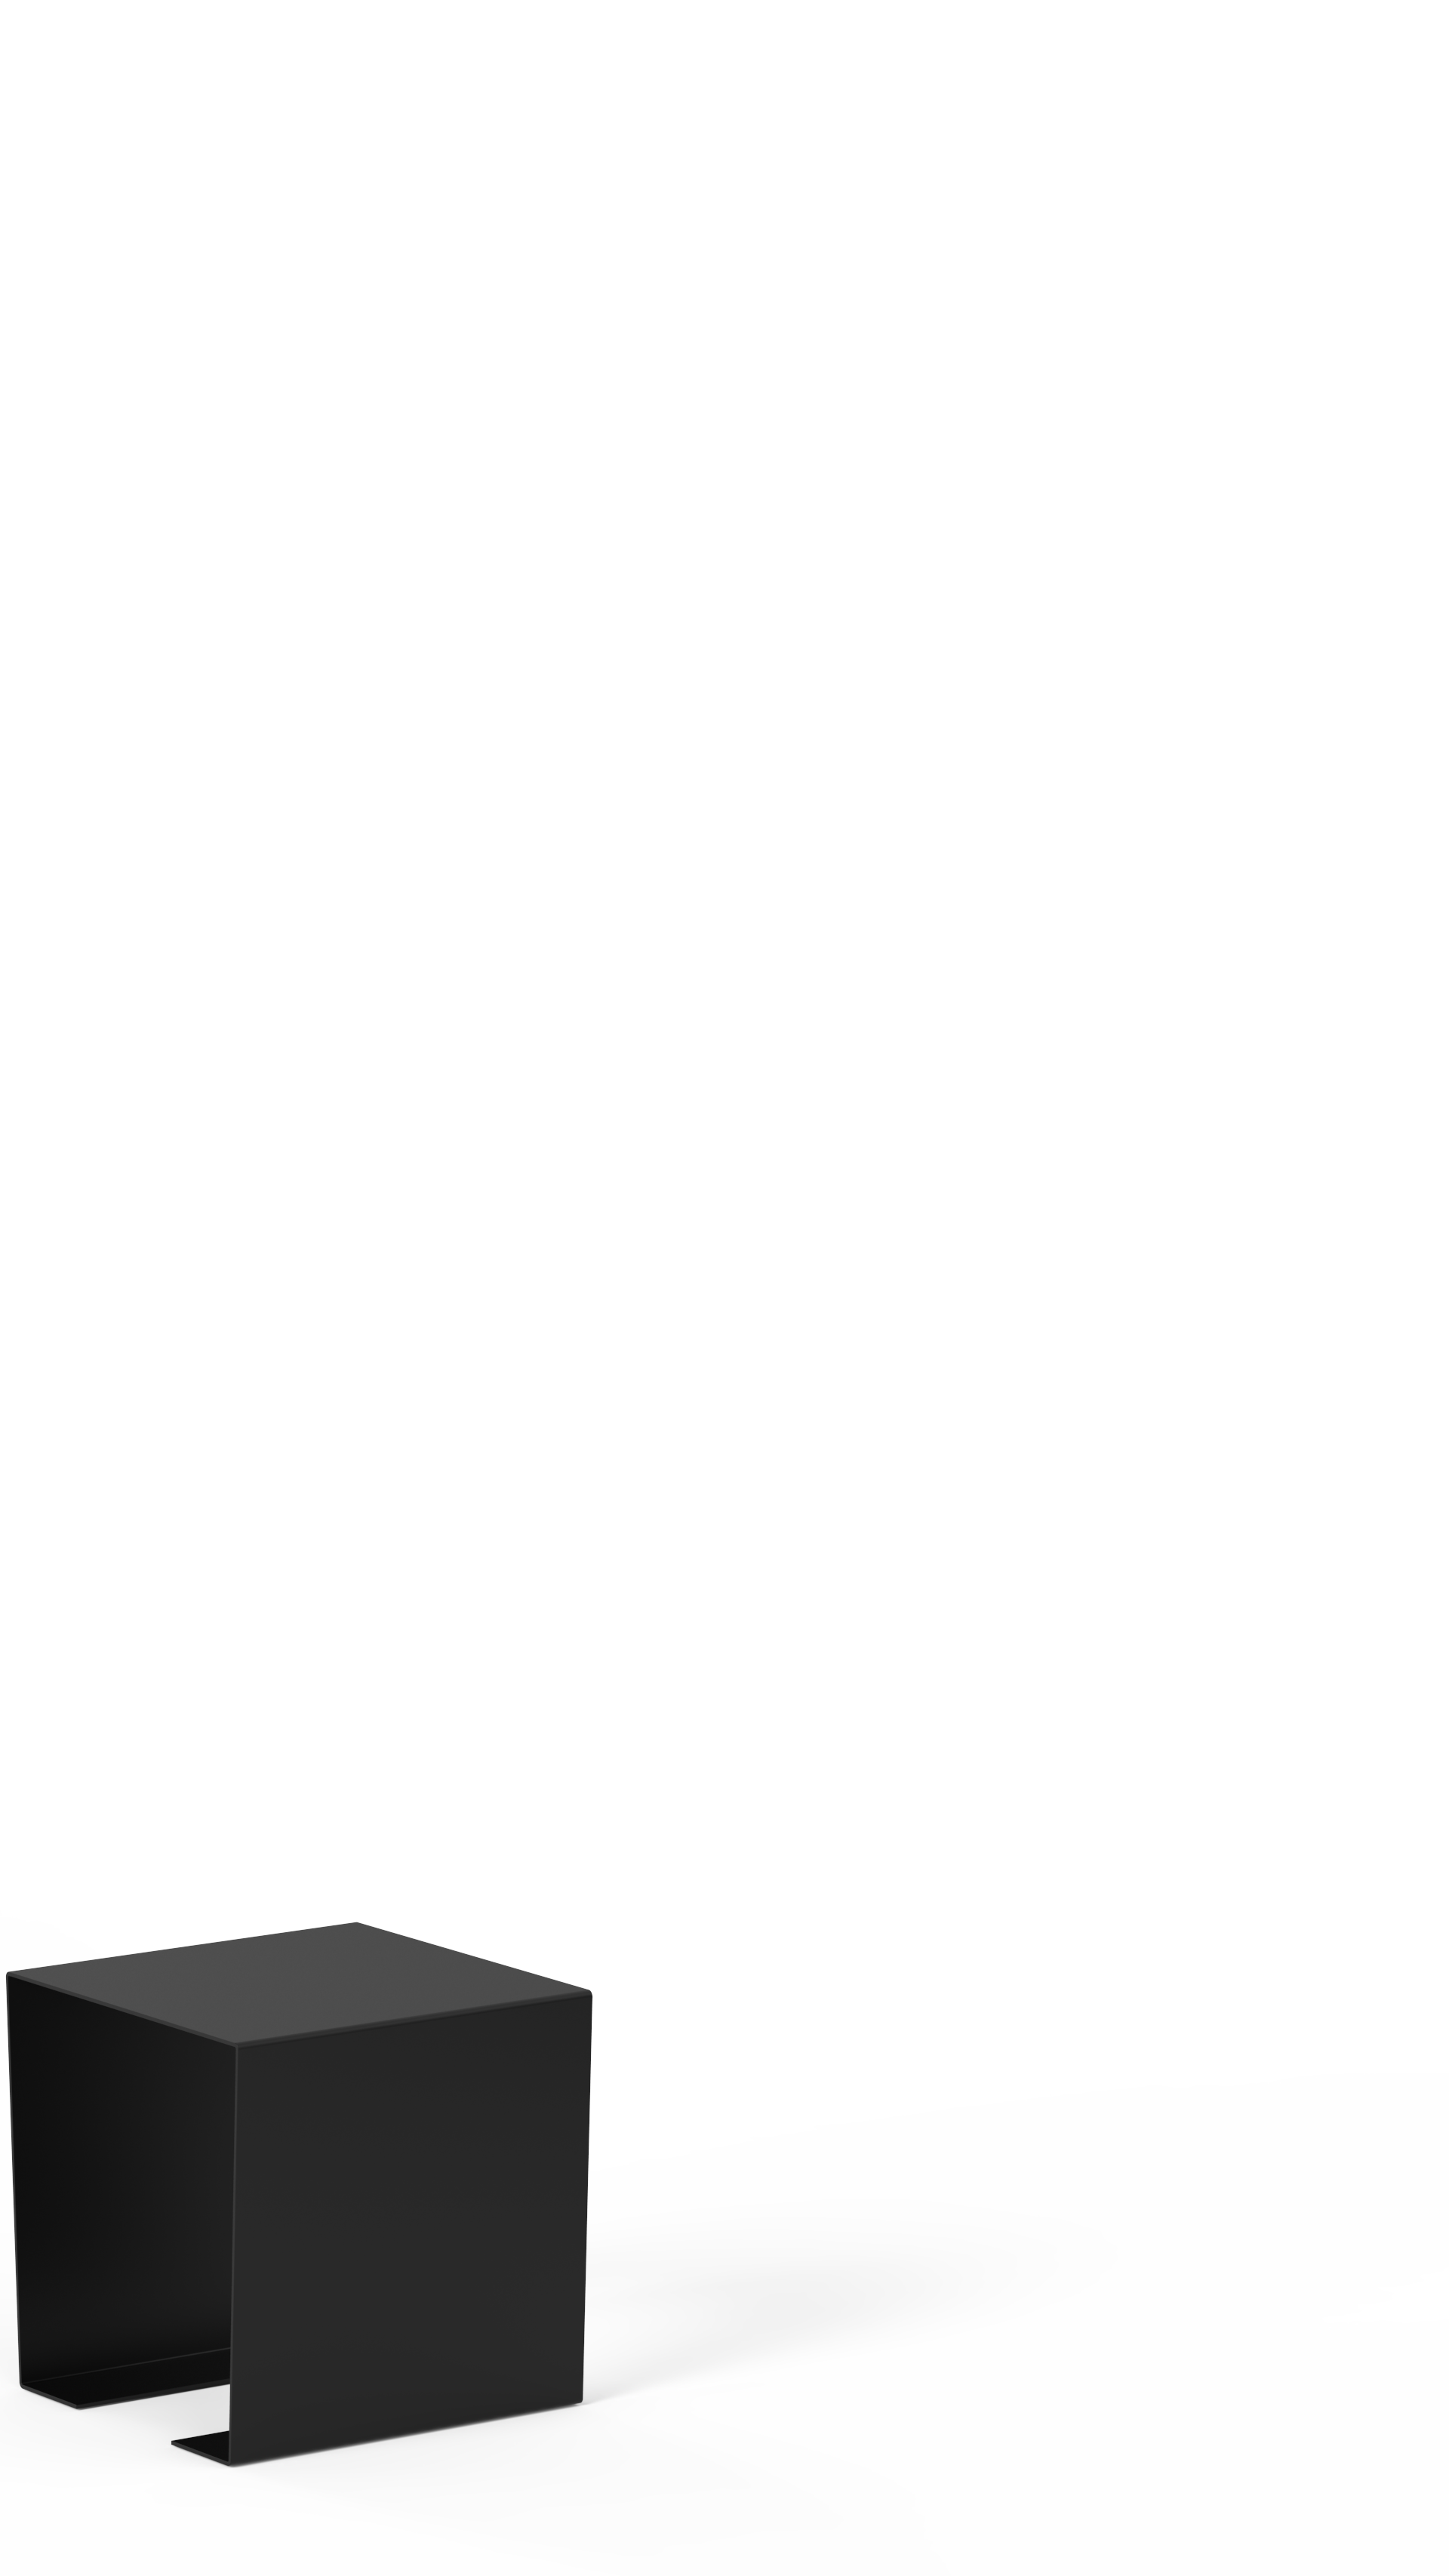 aeroS20x20x20 Présentoir plateau de présentation SAINT-HONORÉ PARIS